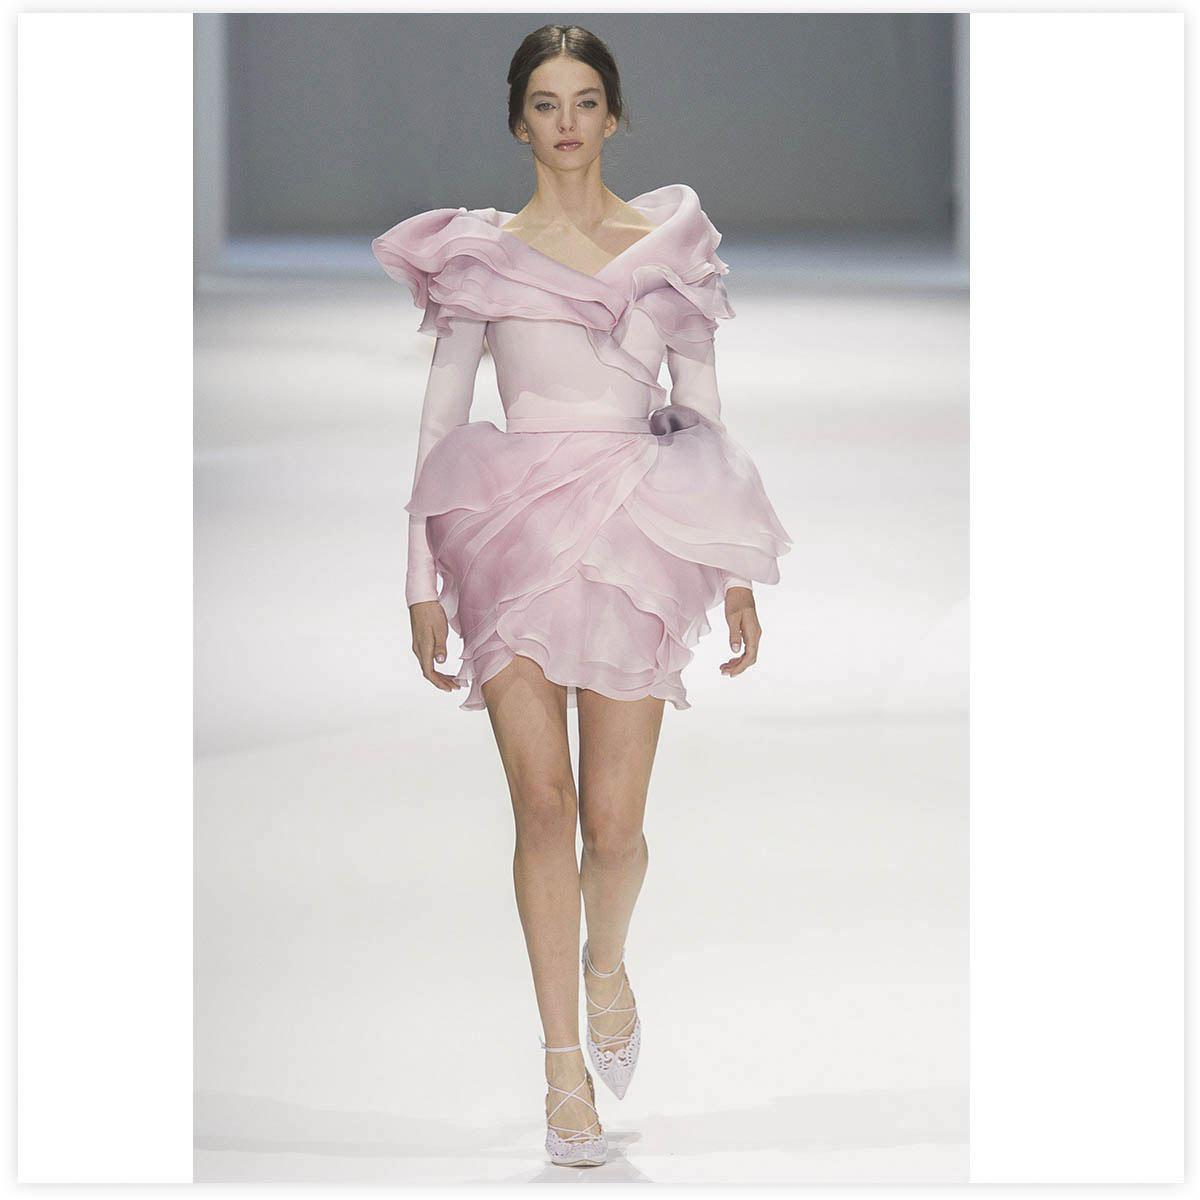 Ralph & Russo Haute-Couture Défilé 2015 Aérographe sur tissu à plat